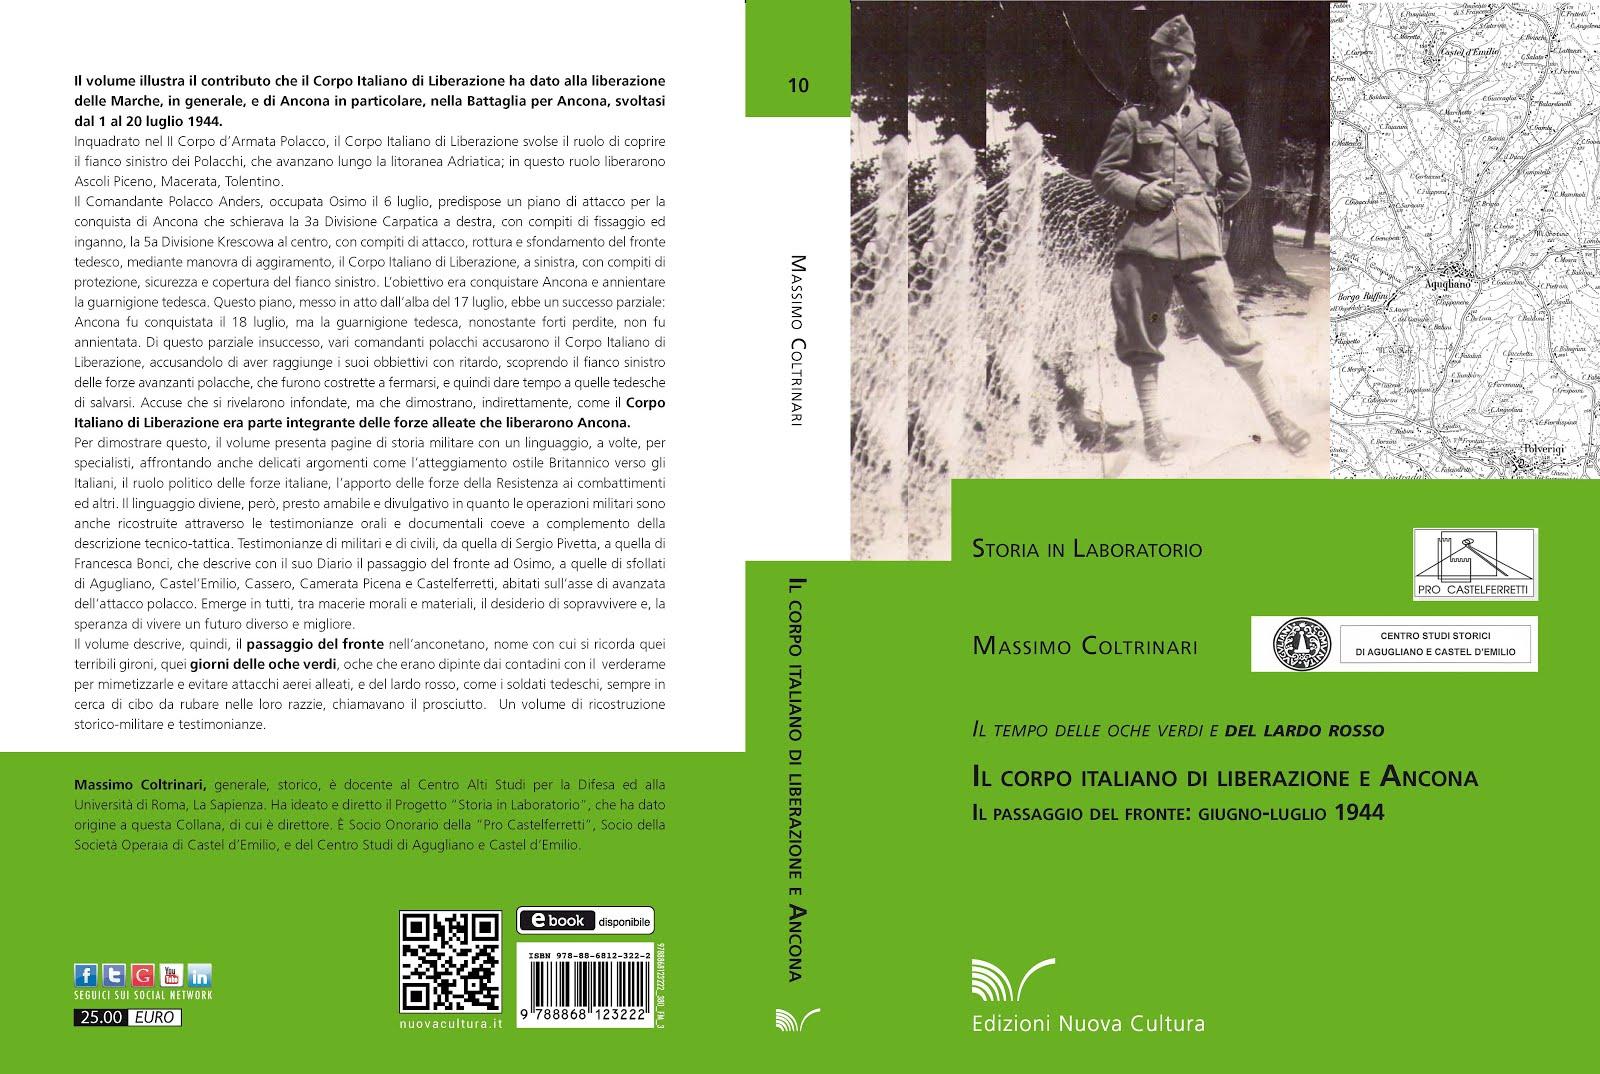 Il Corpo Italiano di Liberazione ed Ancona. Il tempo delle oche verdi e del lardo rosso. 1944